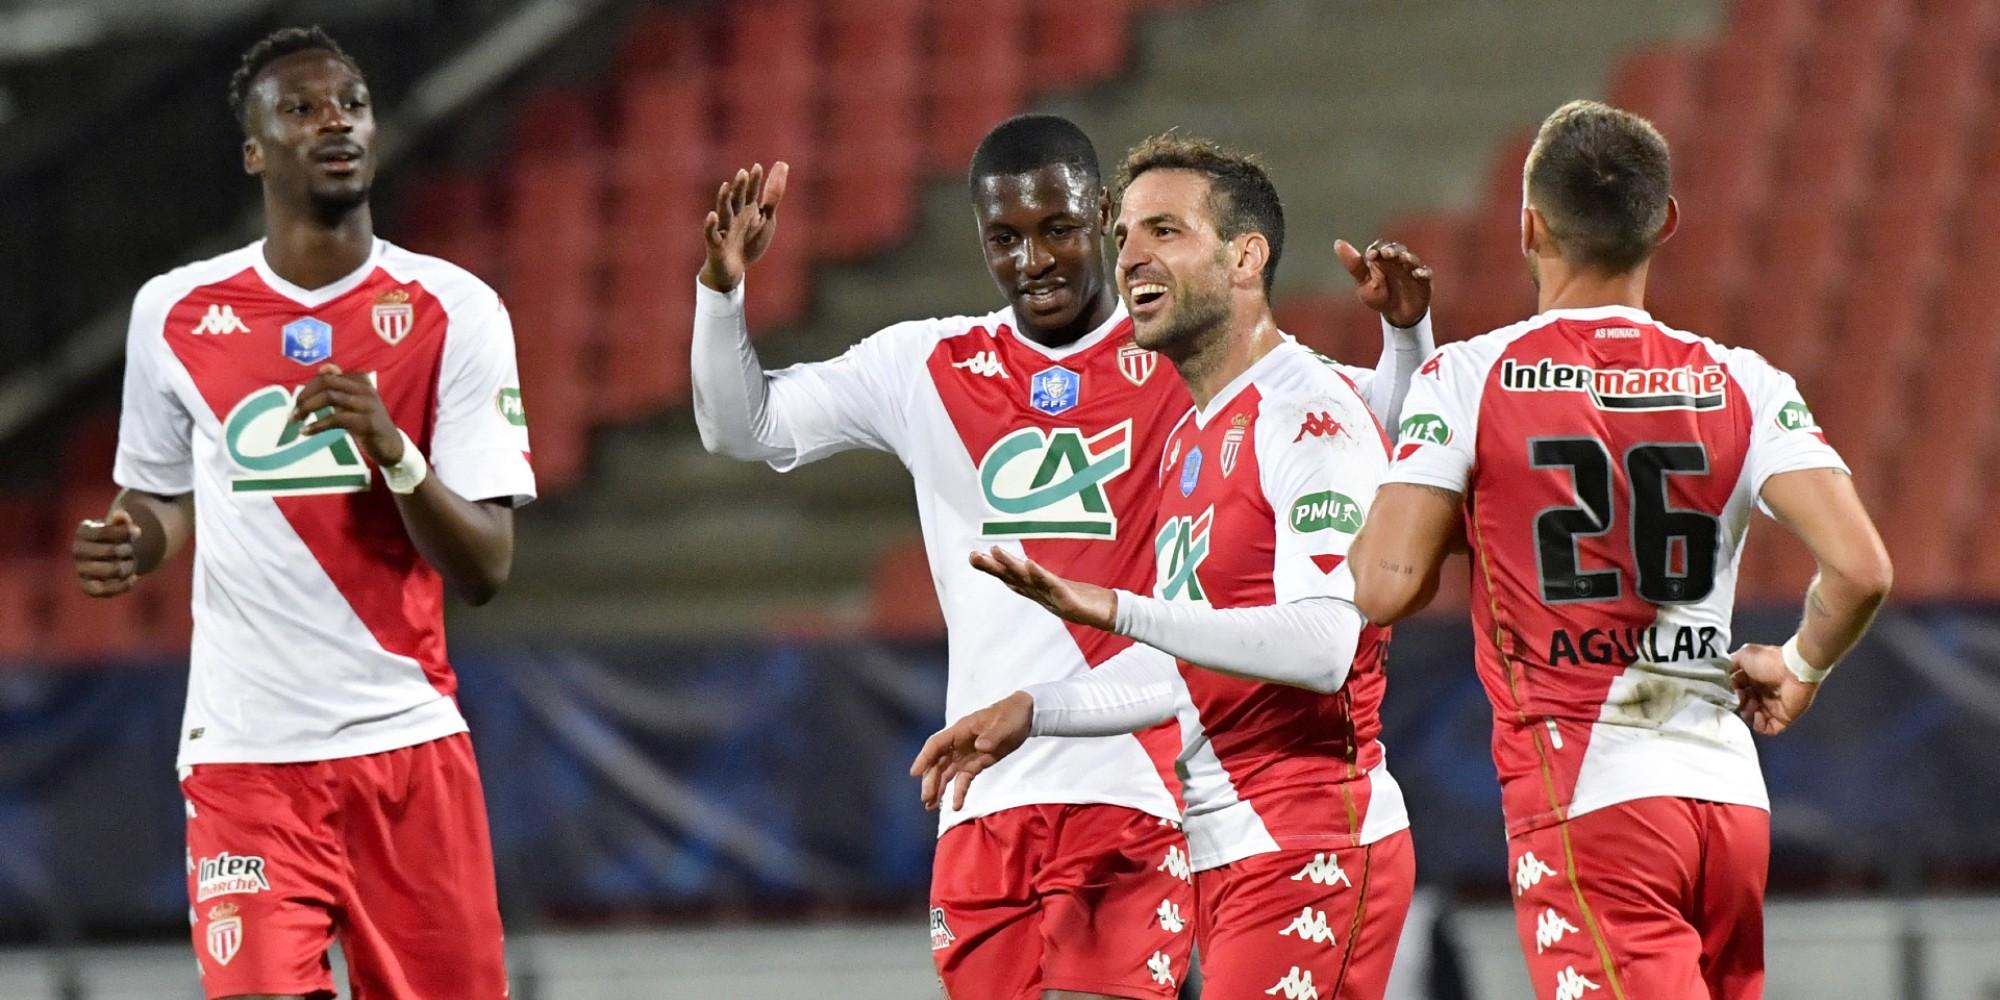 Coupe de France : Monaco surclasse Rumilly-Vallières 5-1 et rejoint le PSG en finale